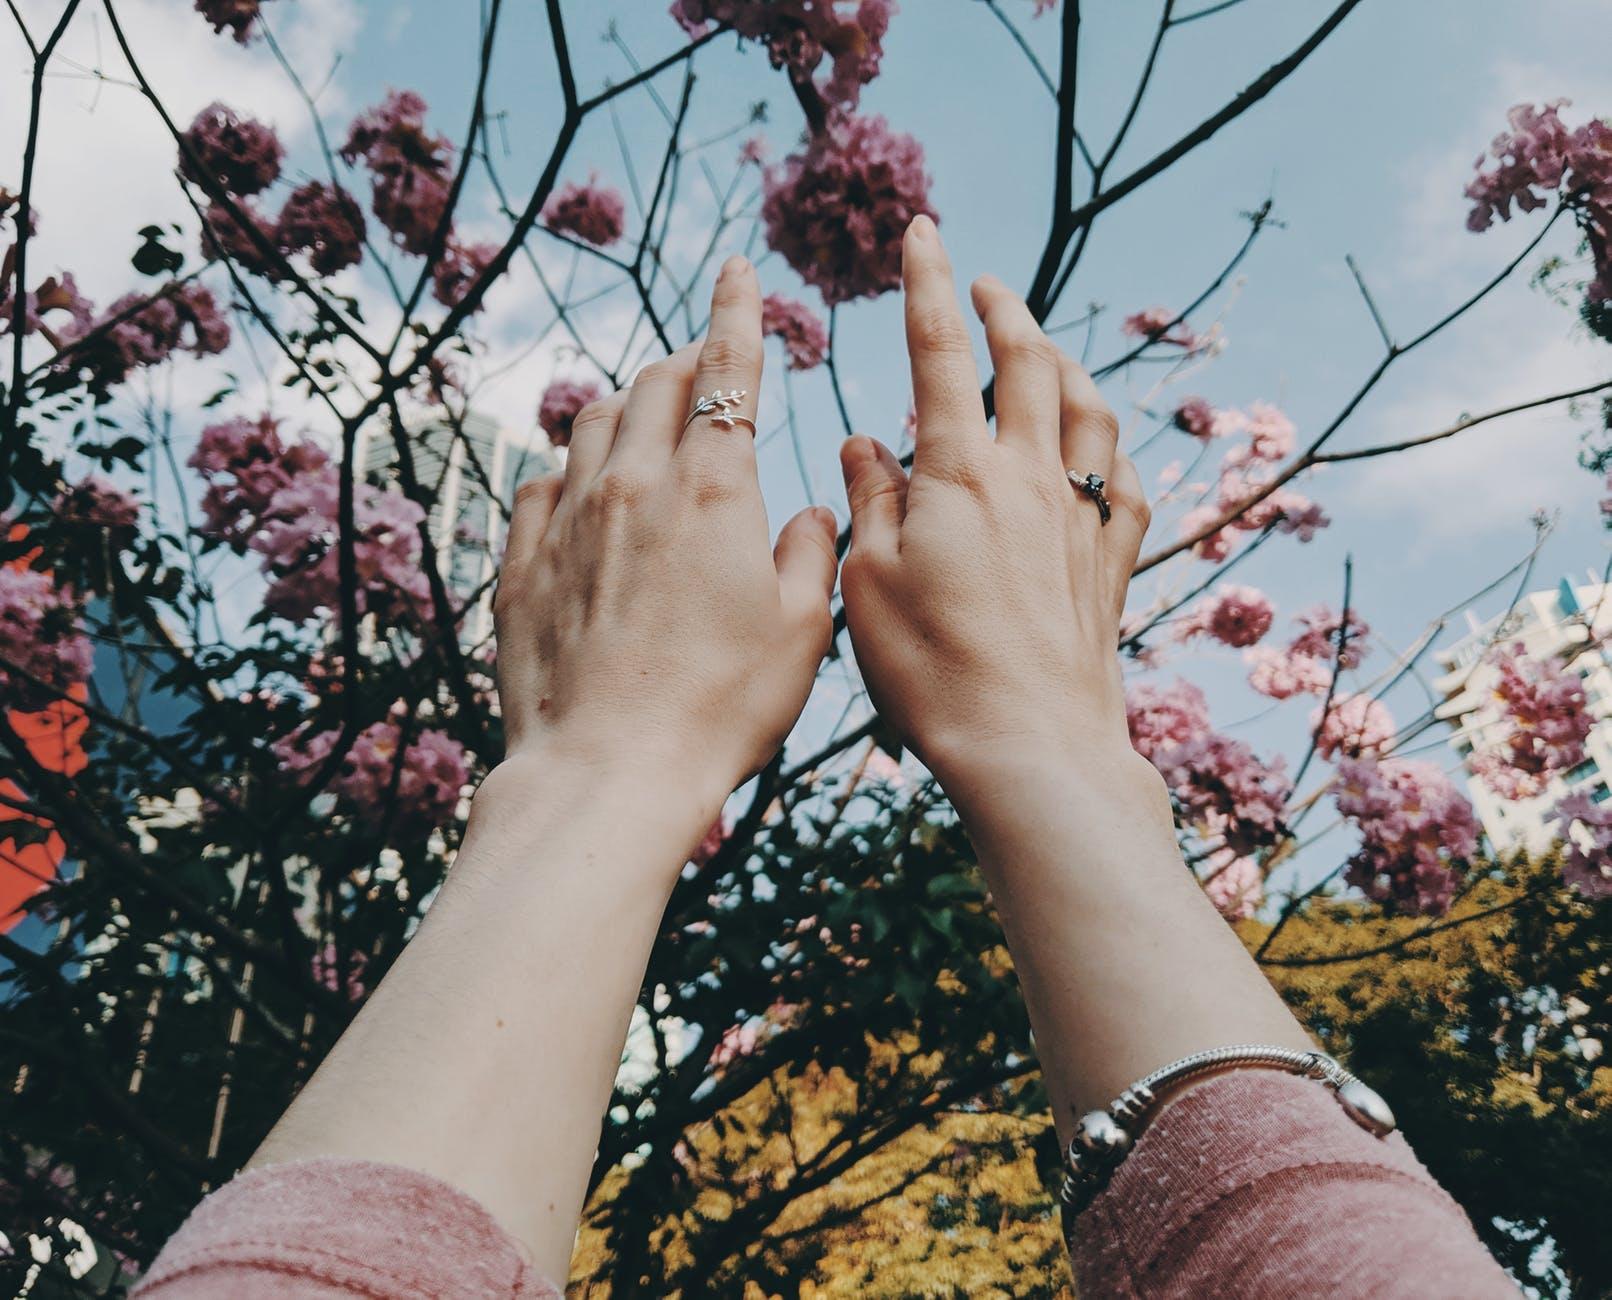 感受性の正体とは? 感受性の強い人の特徴